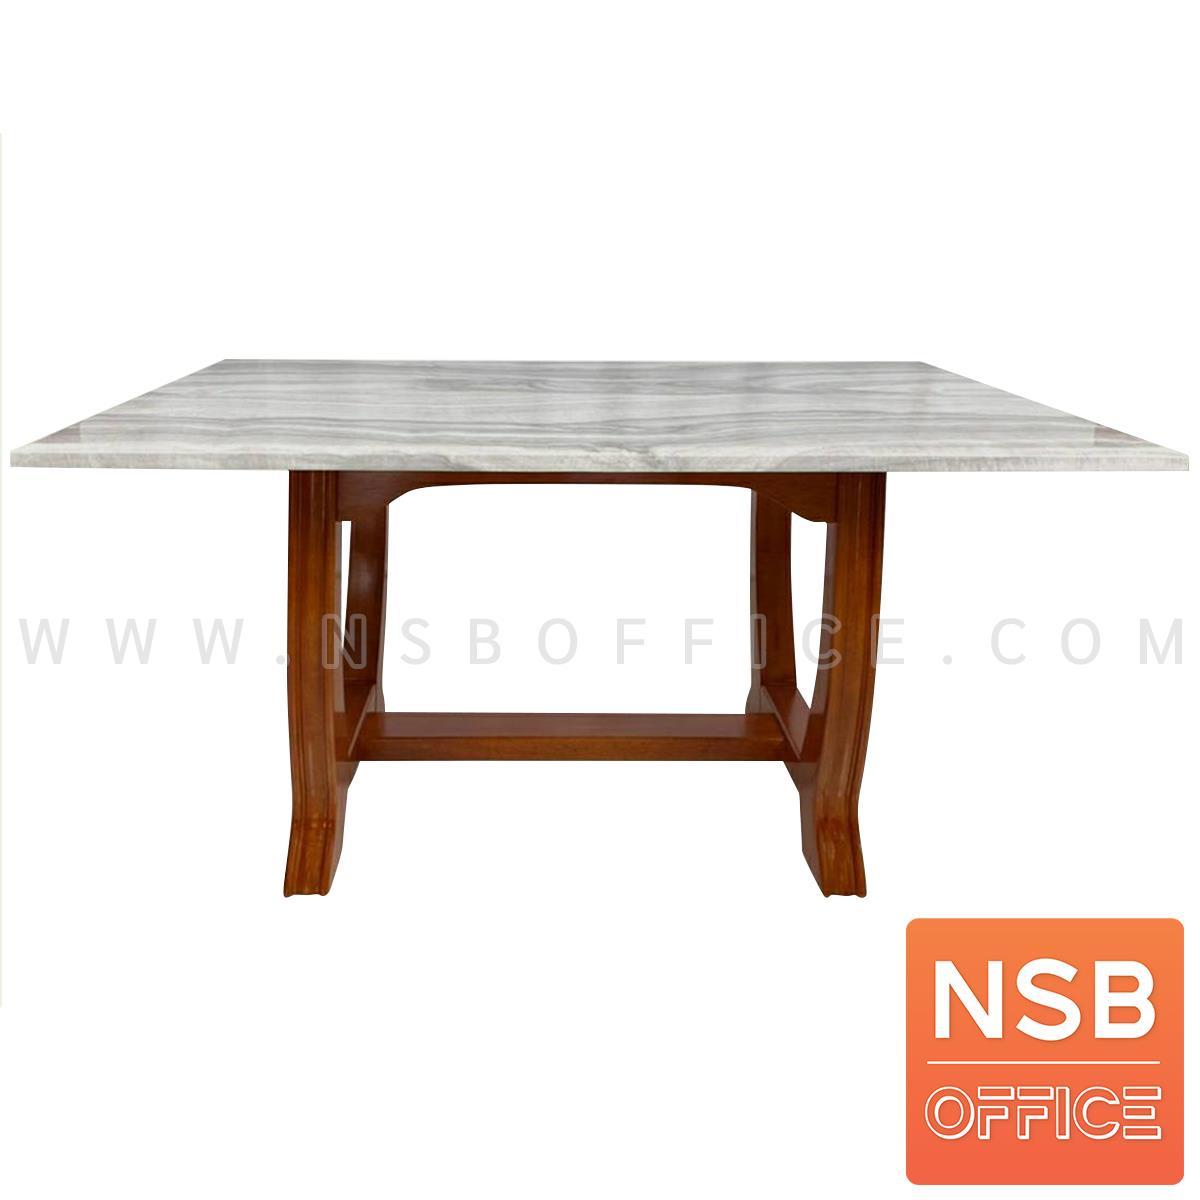 G14A241:โต๊ะรับประทานอาหารหน้าหินอ่อน รุ่น Solace (ซอลลิซ) ขนาด 150W*90D cm.  ขาไม้